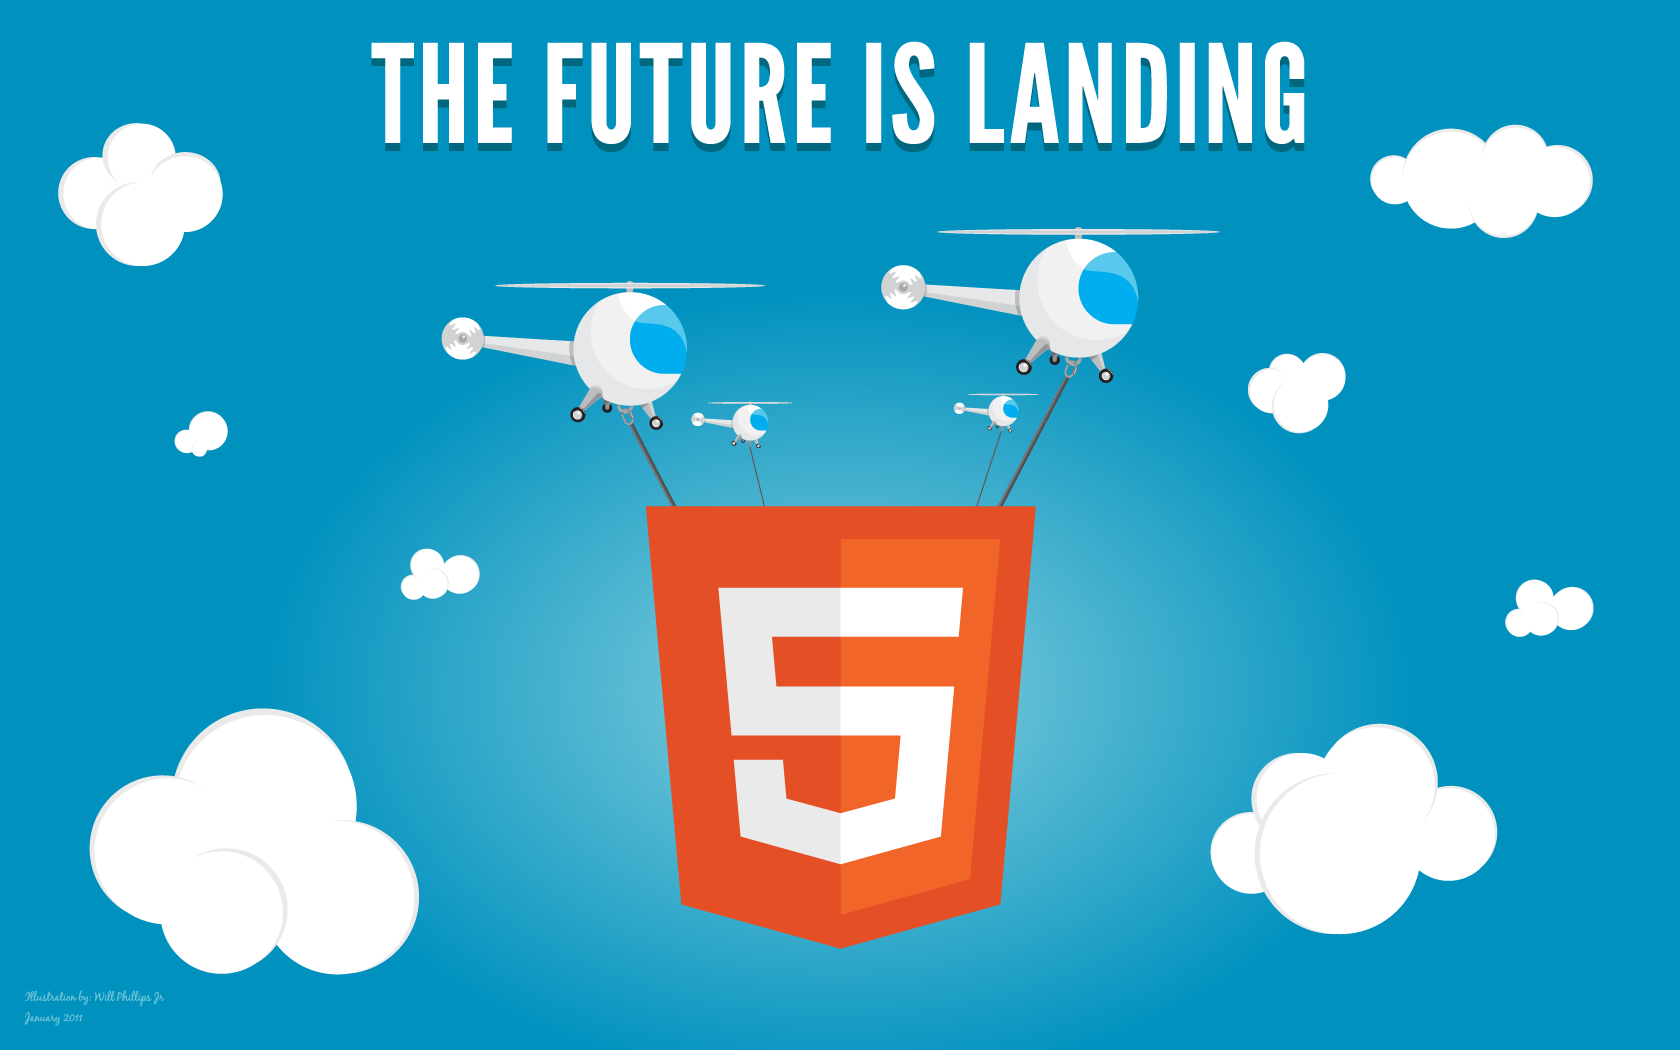 HTML5 Wallpaper 1680x1050 - Conheça finalmente as tags HTML 5 e aplique em seu projeto!